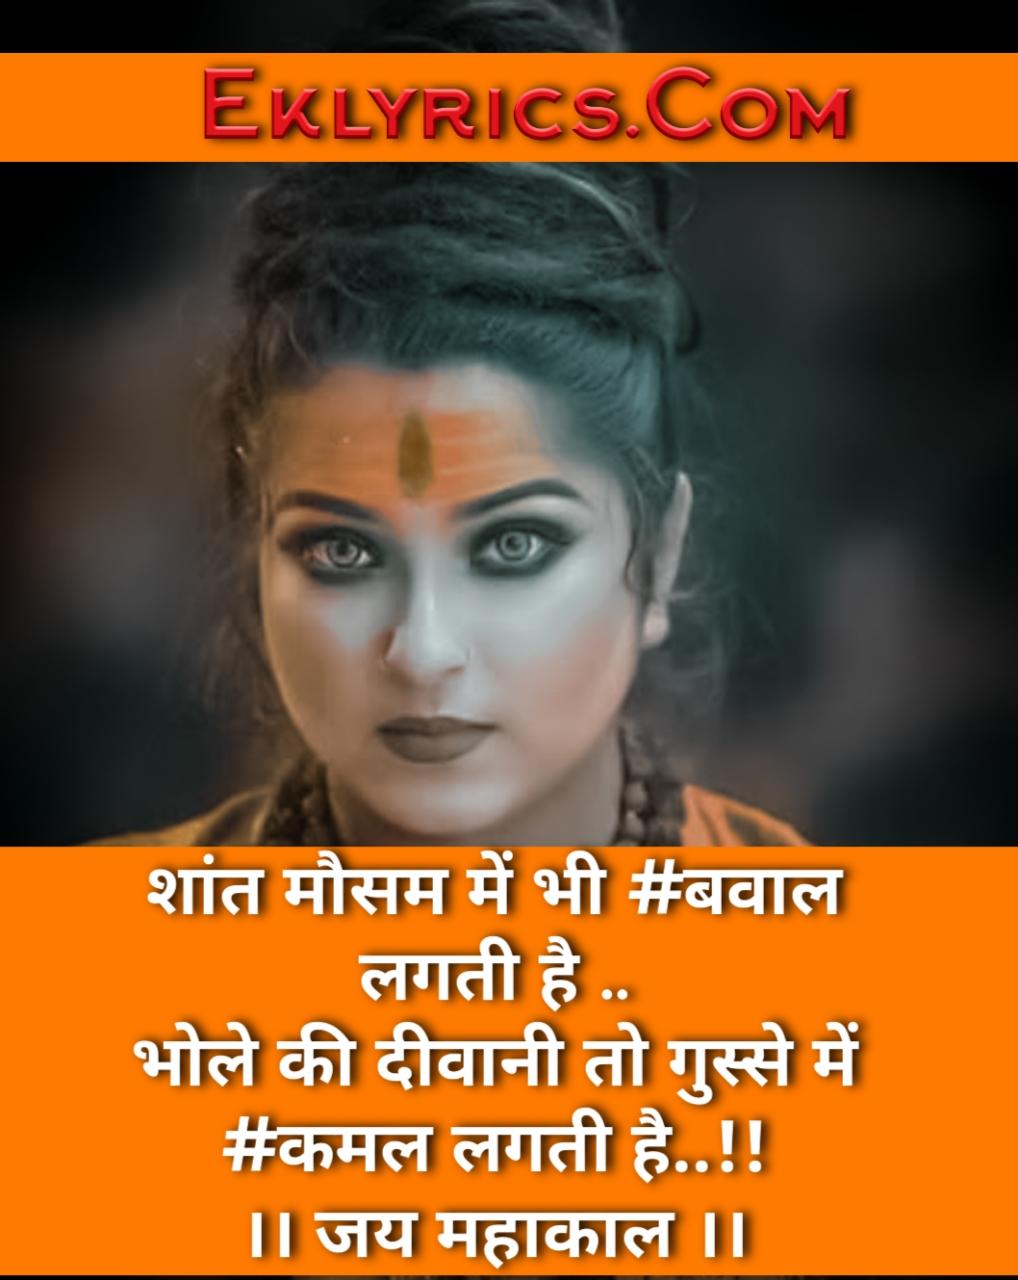 mahakal-status-shayari-for-girls